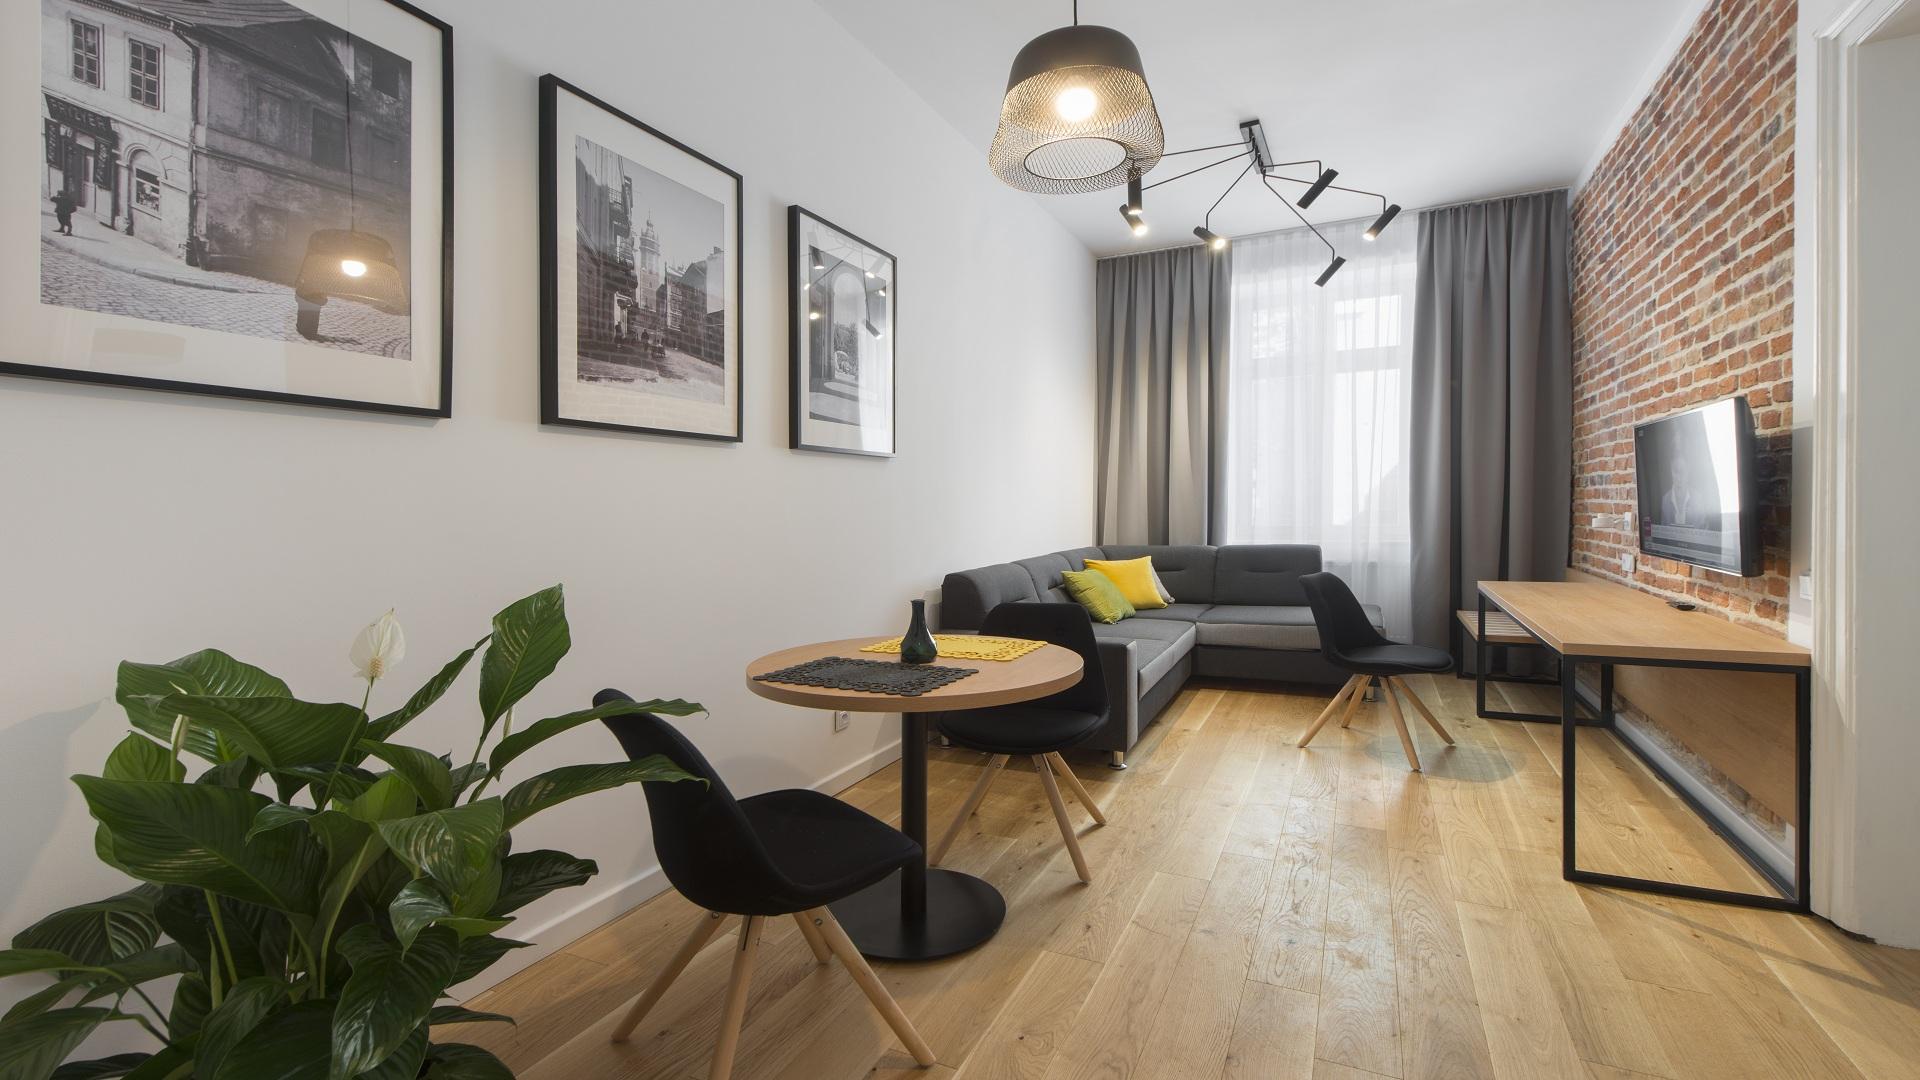 widok na część wypoczynkową w apartamencie